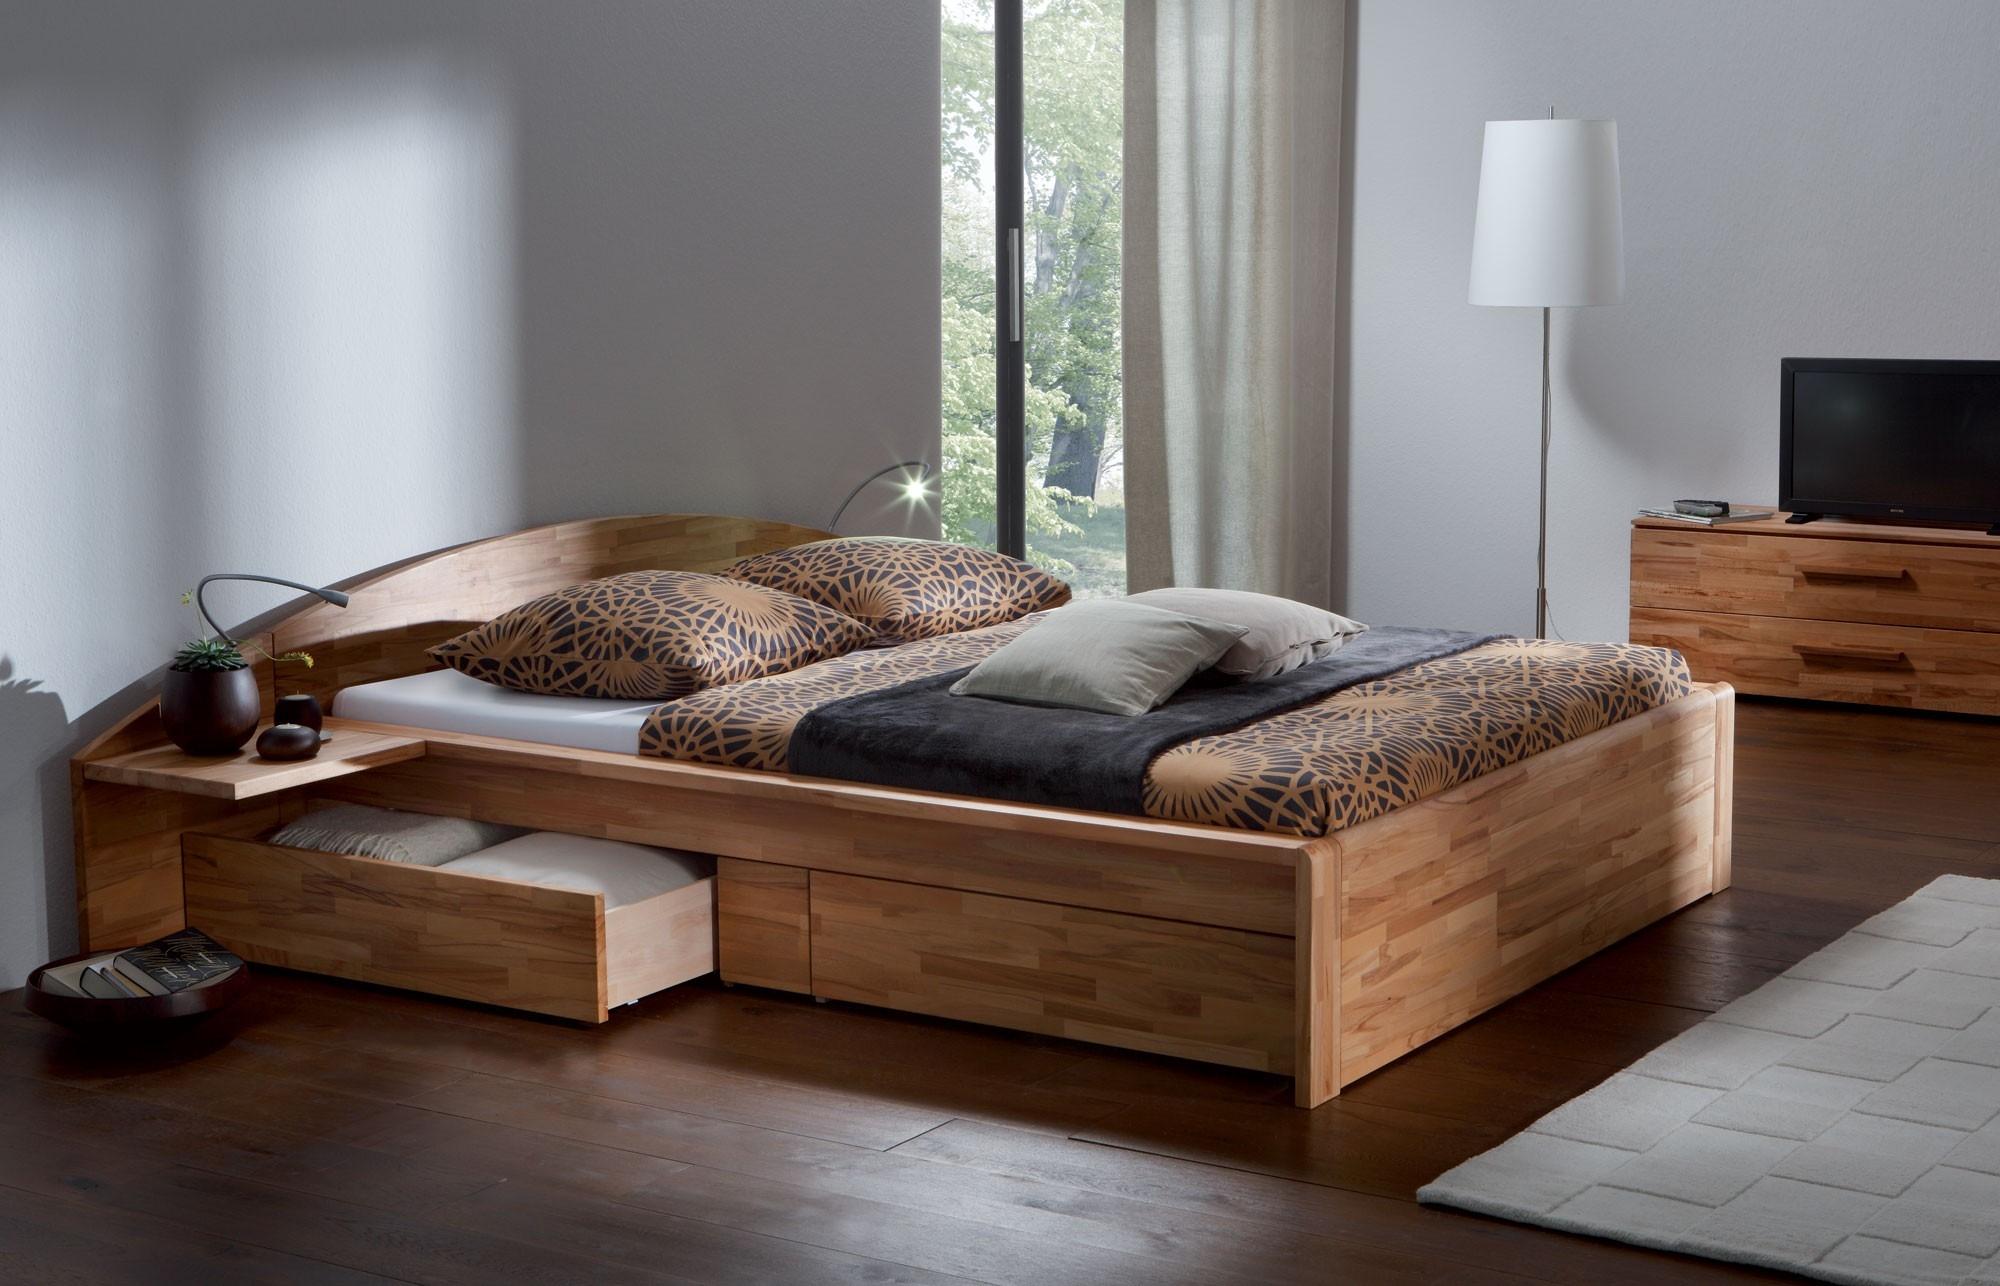 двуспальная кровать из массива идеи дизайна